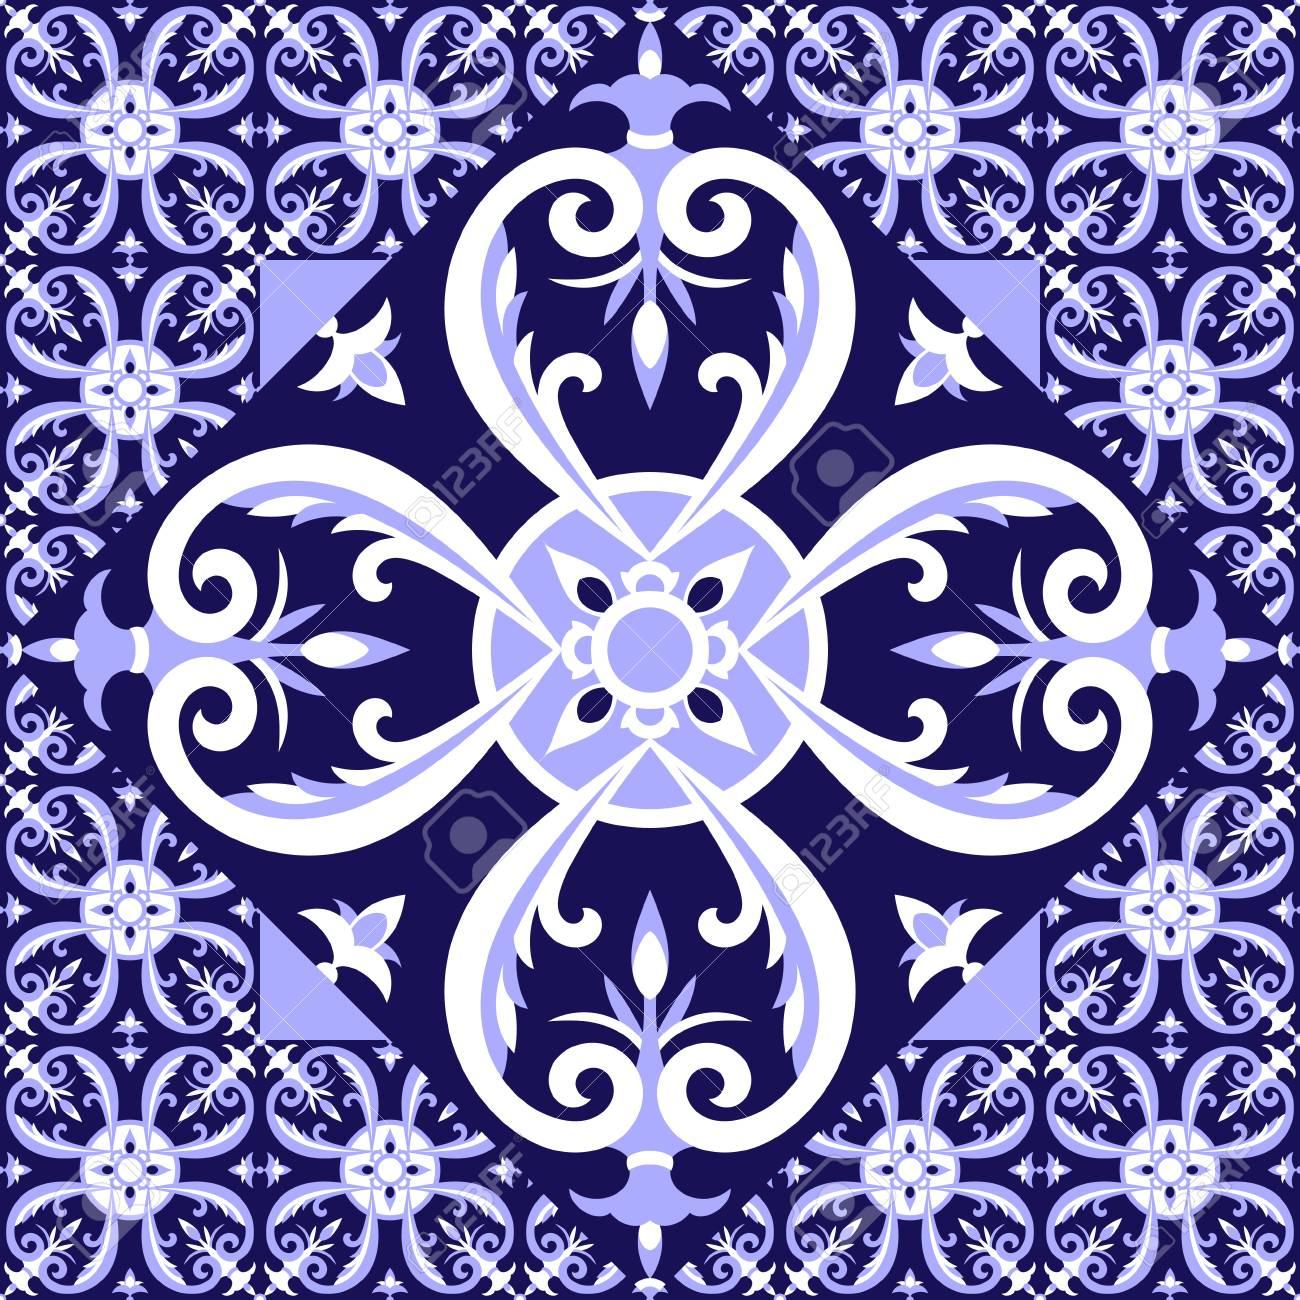 Carrelage Bleu Blanc Espagnol Modèle De Plancher Avec Des Carreaux - Carrelage bleu